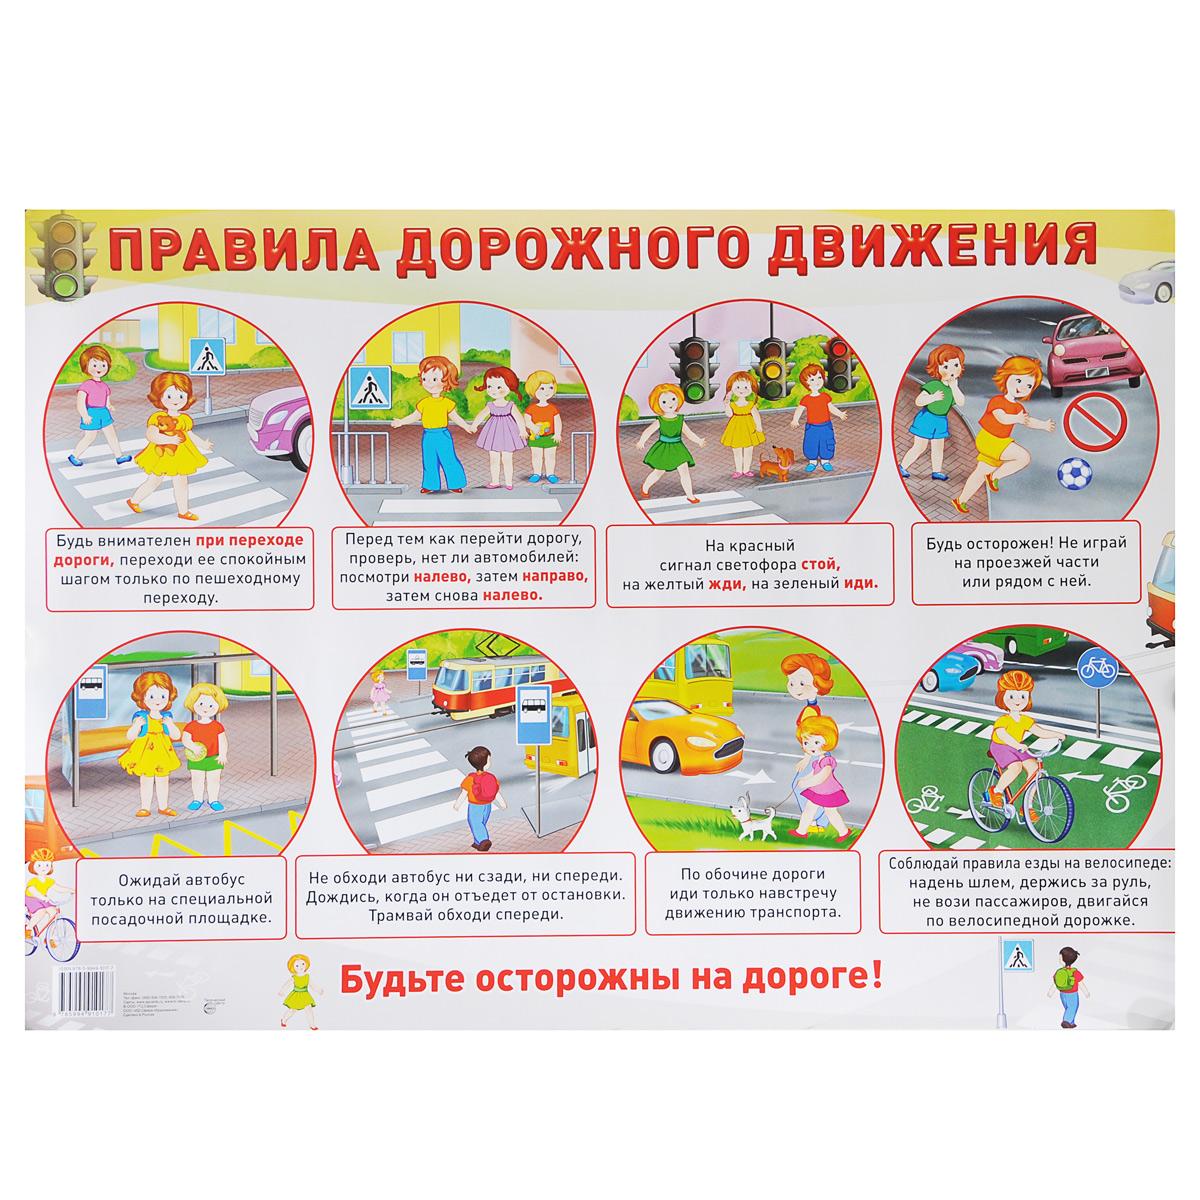 Правила дорожного движения. Плакат ( 978-5-9949-1017-7 )